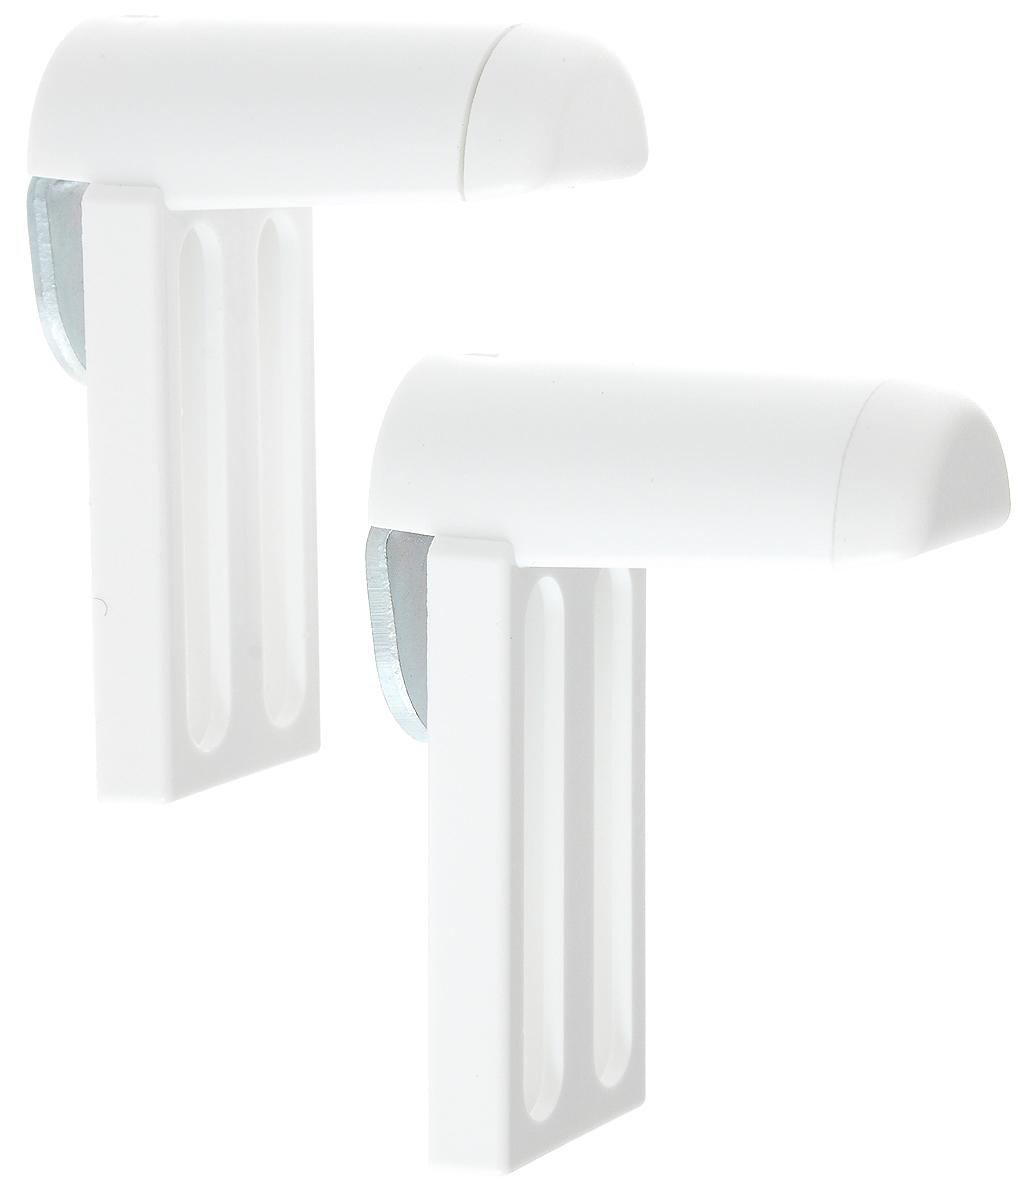 Крепление для фиксации рулонных штор Эскар, универсальное, на распашное окно, 2 шт. 1300013000Универсально крепление Эскар предназначено для фиксации рулонных штор, плиссе на распашное окно без сверления. Выполнено из высококачественного пластика. Комплектация: 2 шт. Размер крепления: 5,2 х 2,3 х 3,8 см.